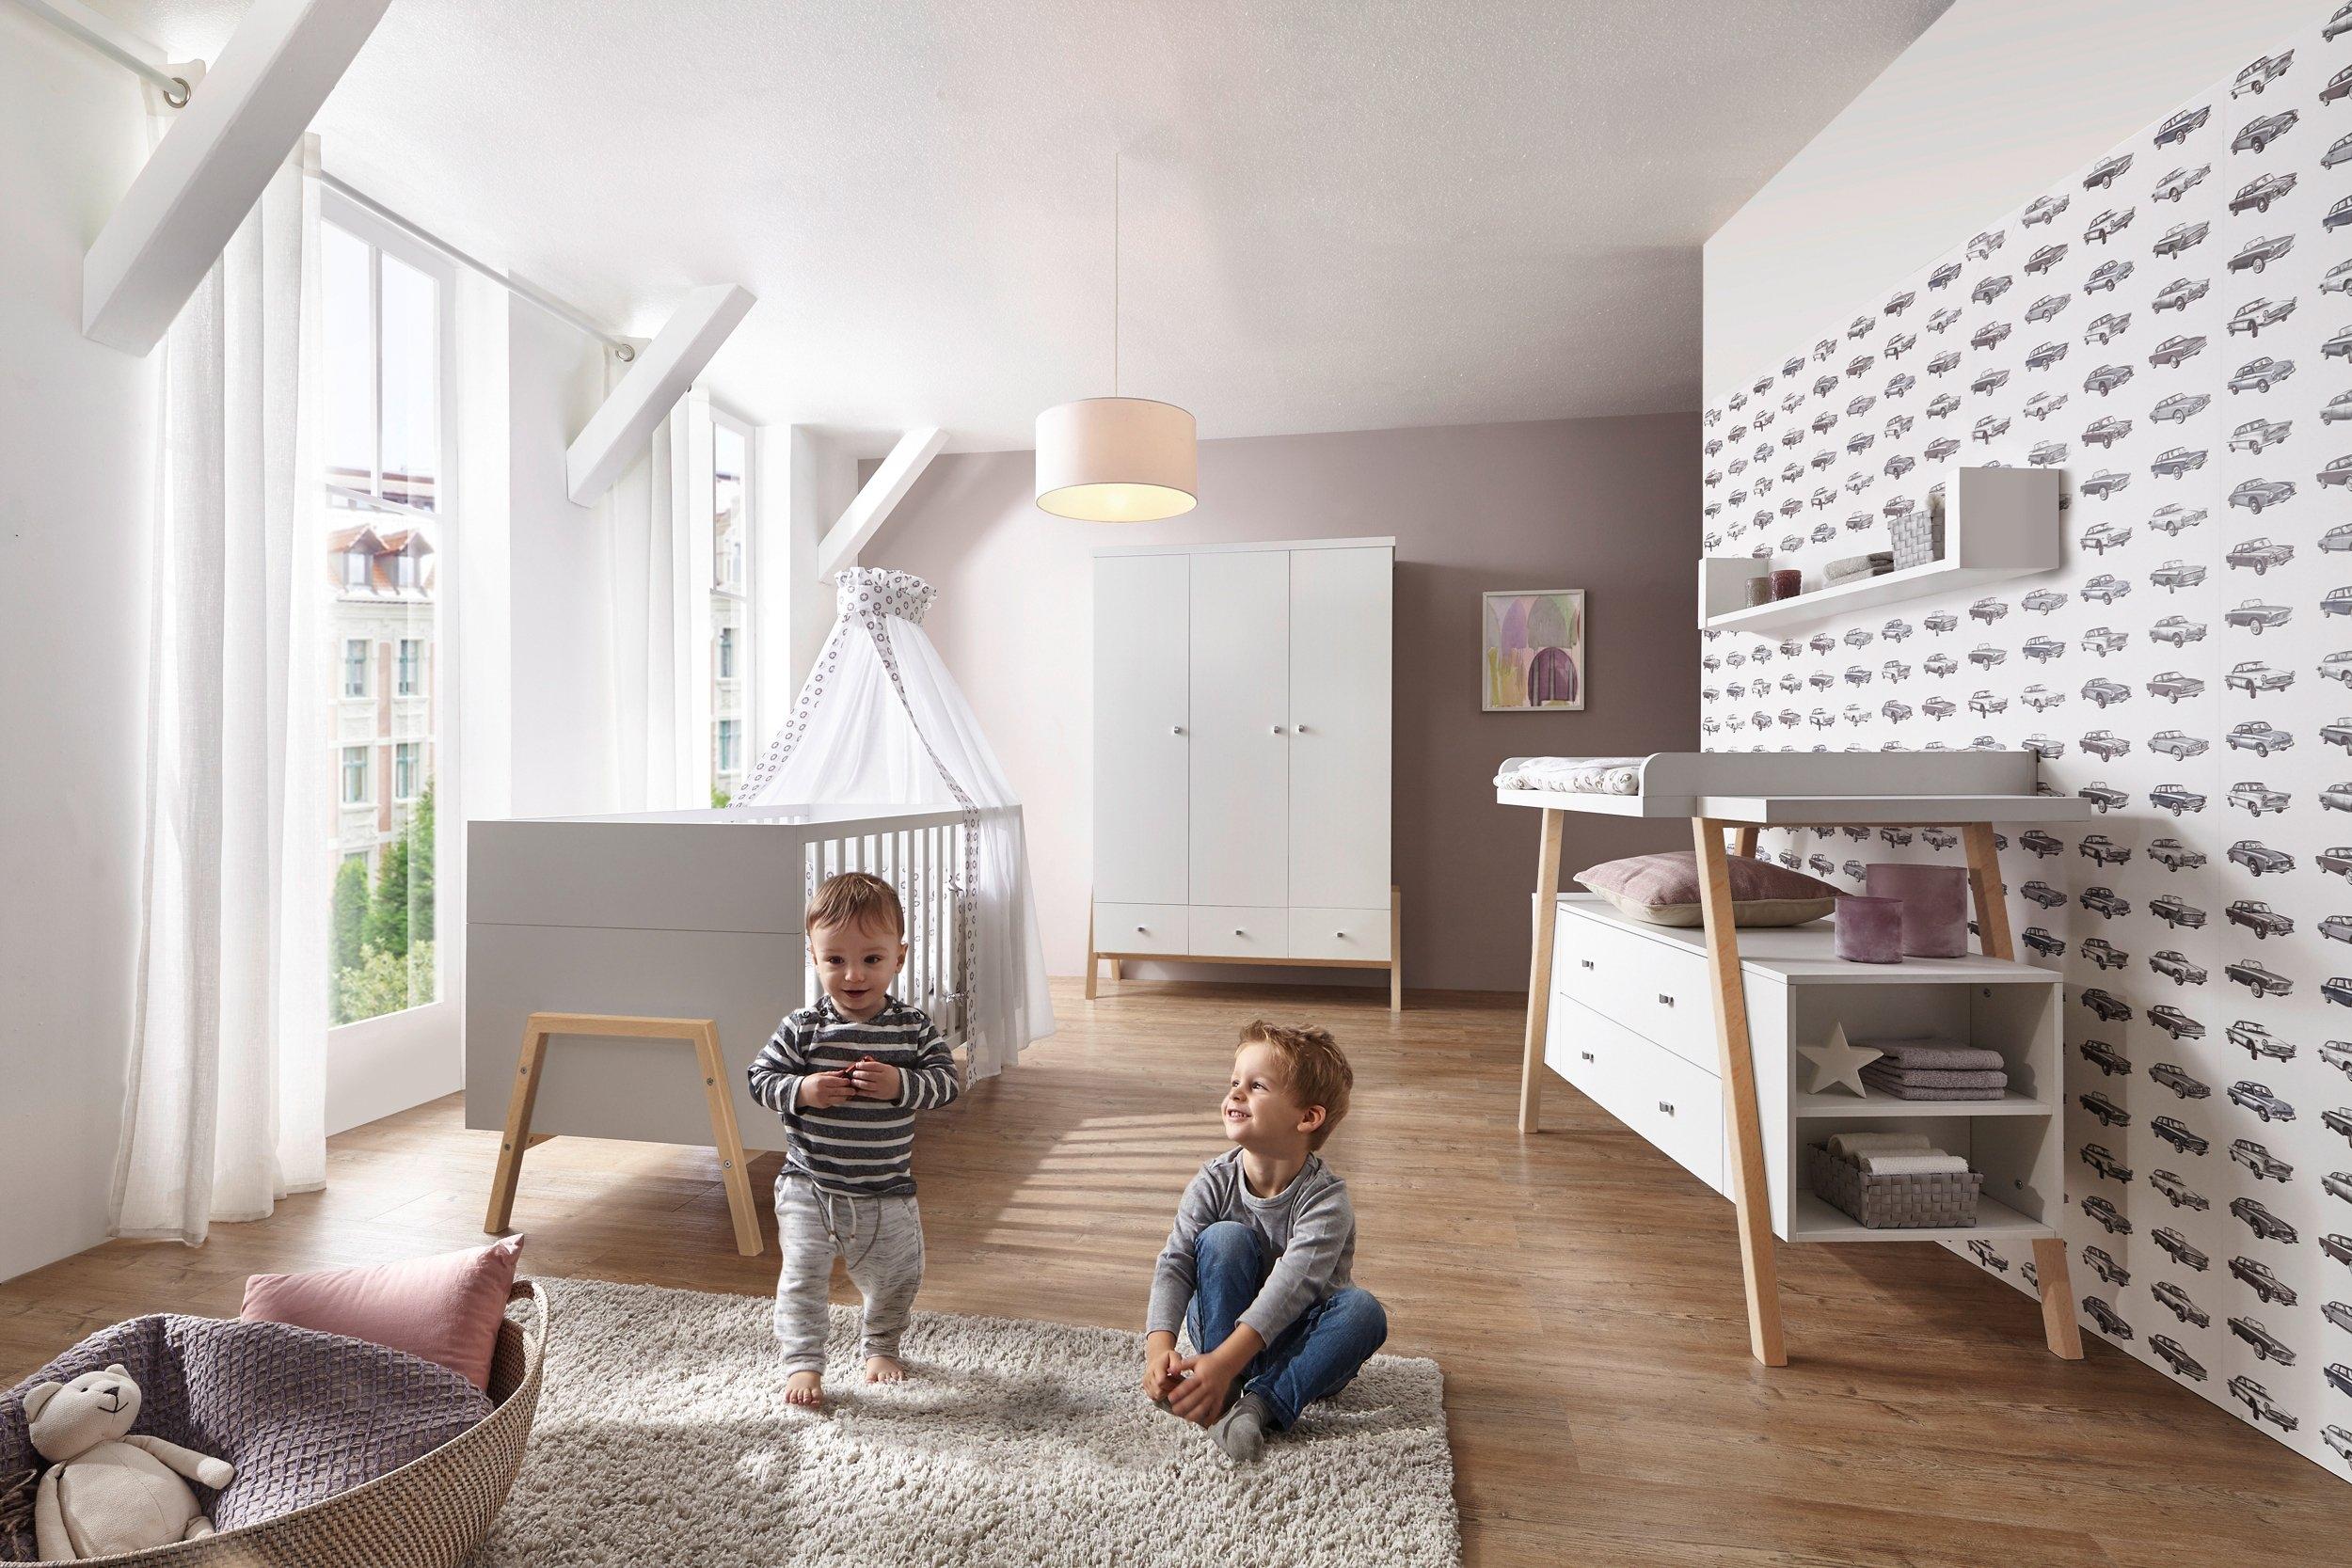 Schardt complete babykamerset Holly Nature (set, 3 stuks) online kopen op otto.nl